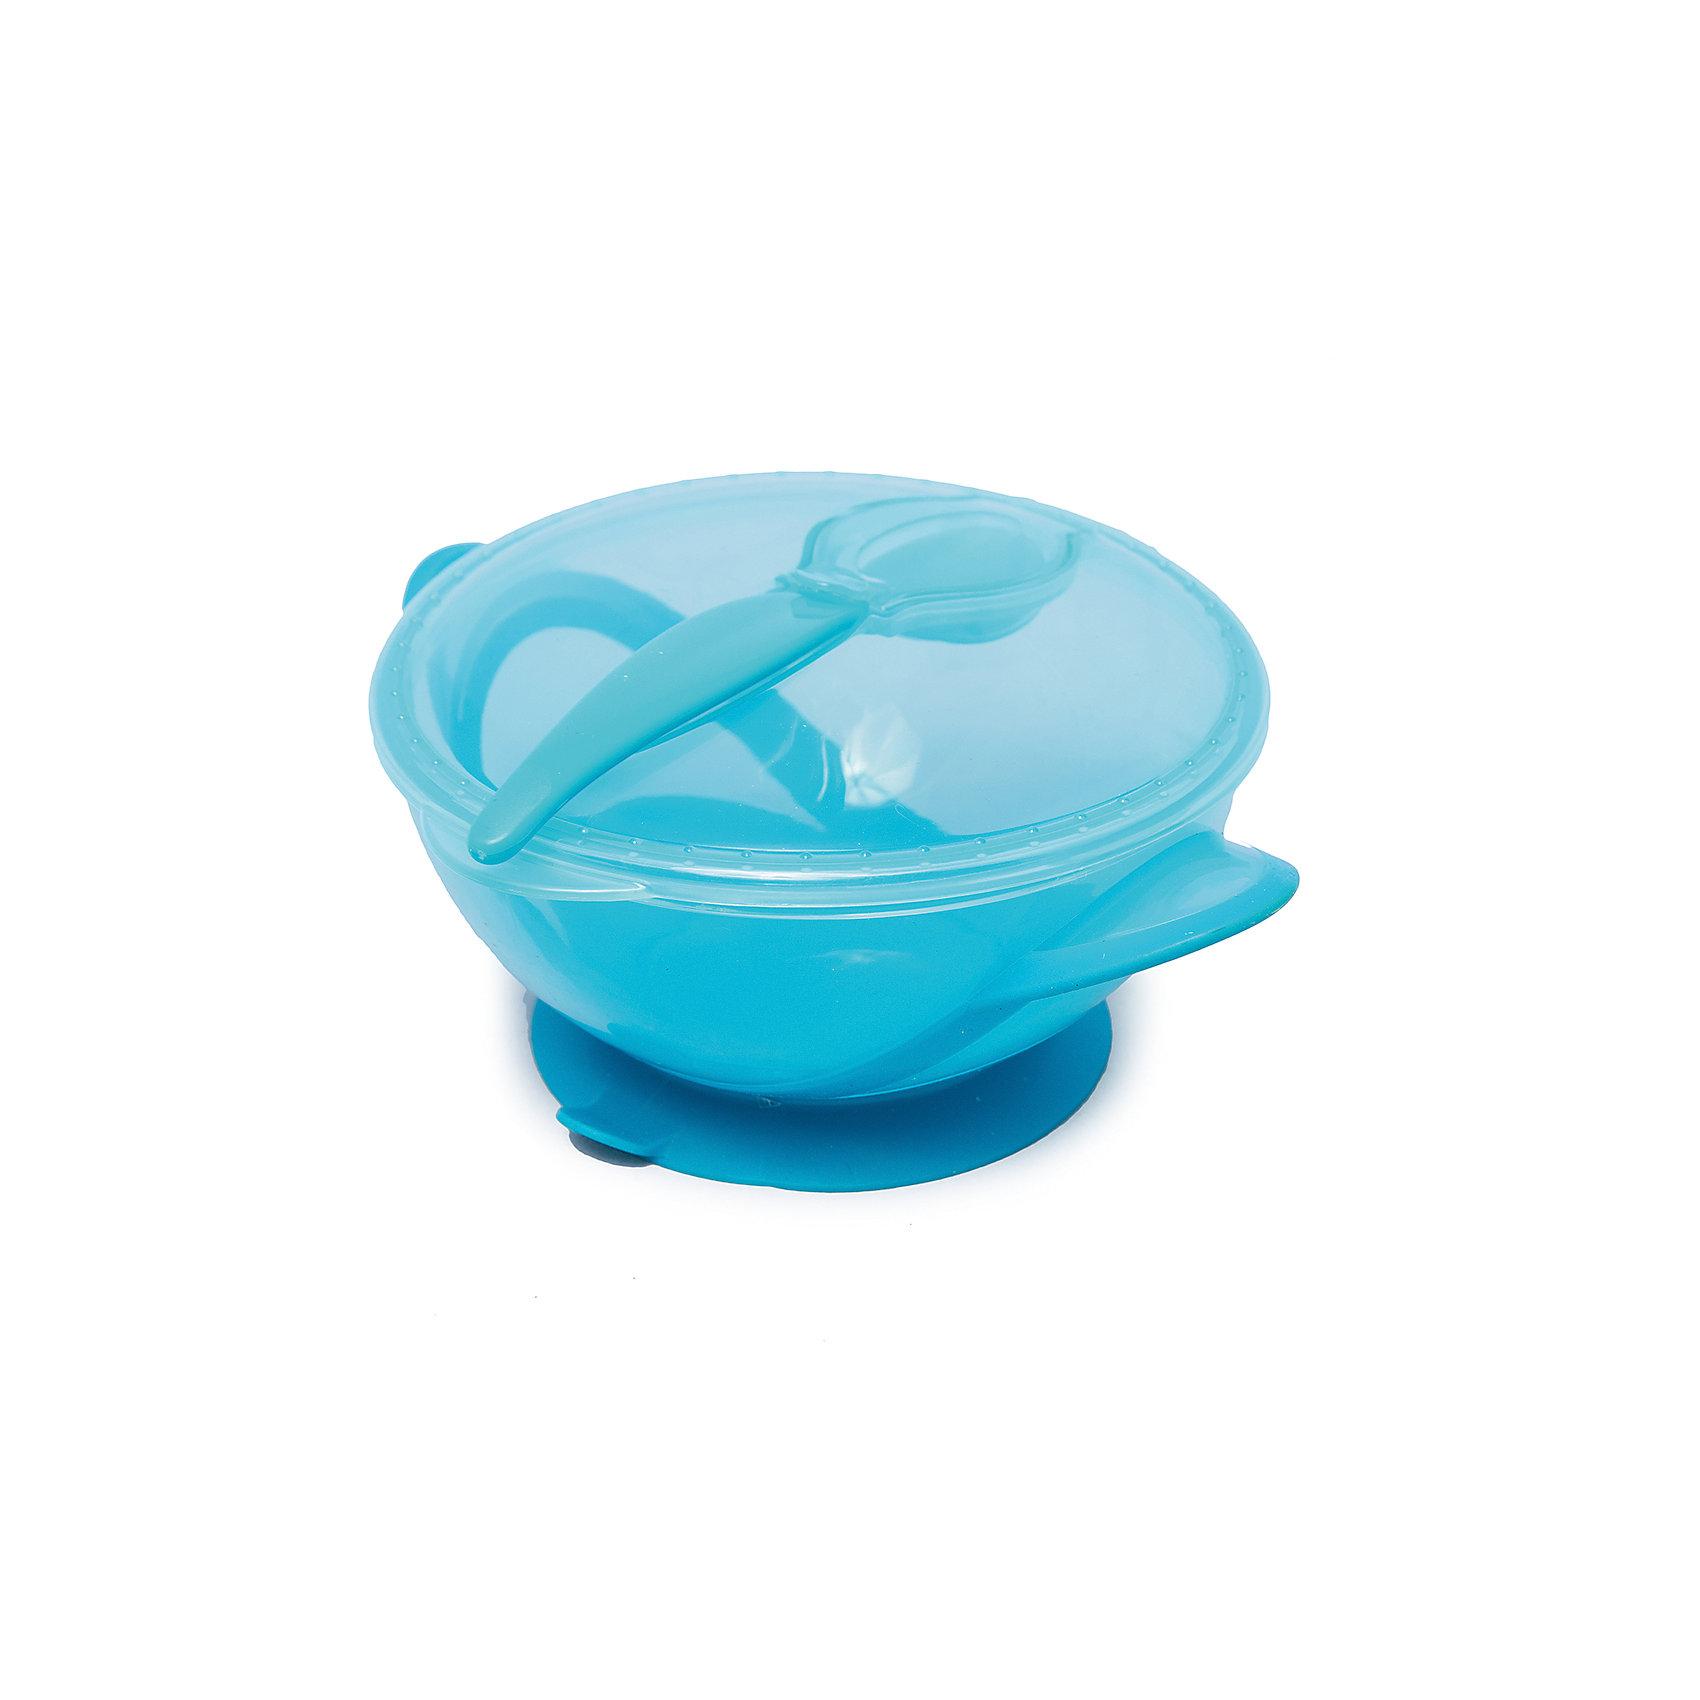 Тарелочка на присоске с ложкой в комплекте, Nuby, голубойТарелки<br>Симпатичная тарелочка Nuby  с ярким оригинальным дизайном сделает кормление малыша легким и приятным. Тарелочка снабжена присоской и малыш не сможет уронить ее со стола, что особенно удобно, когда он учится есть самостоятельно. Тарелка достаточно глубокая, с плотно закрывающейся крышкой, подходит для использования в СВЧ. В комплект также входит ложка.<br><br>Дополнительная информация:<br>- Материал: пластик.<br>- Вес: 133 гр.<br>- Размеры упаковки: 195х165х70 мм.<br><br>Тарелочку на присоске Nuby  можно купить в нашем интернет-магазине.<br><br>Ширина мм: 195<br>Глубина мм: 160<br>Высота мм: 80<br>Вес г: 123<br>Возраст от месяцев: 9<br>Возраст до месяцев: 24<br>Пол: Мужской<br>Возраст: Детский<br>SKU: 4464209